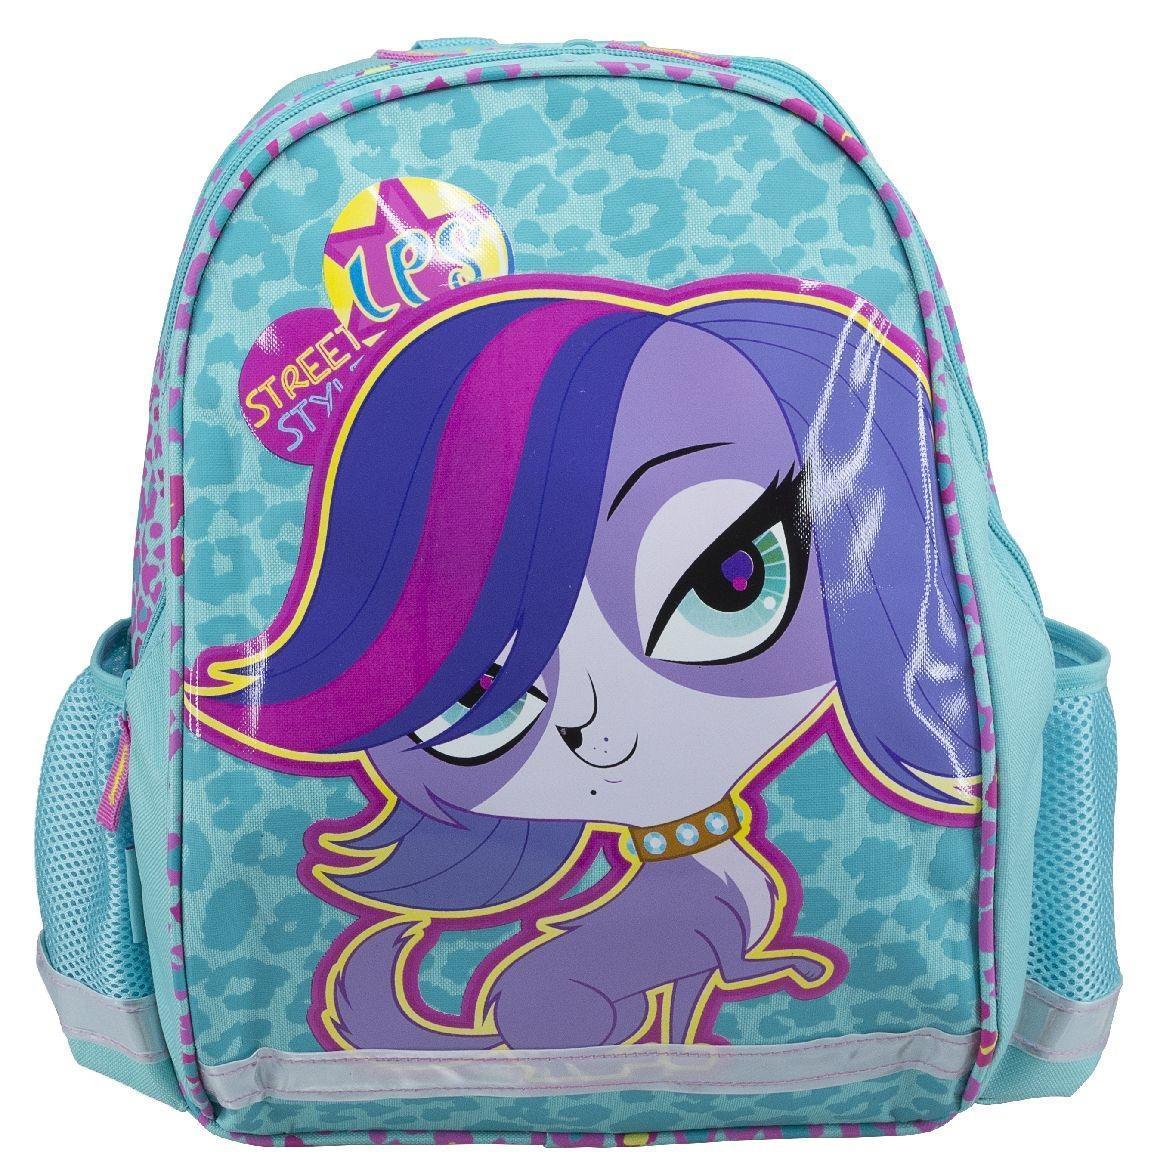 Рюкзак школьный Littlest Pet Shop, цвет: бирюзовый, розовый, фиолетовый. LPCB-MT1-977 игровые наборы littlest pet shop стильный зоомагазин